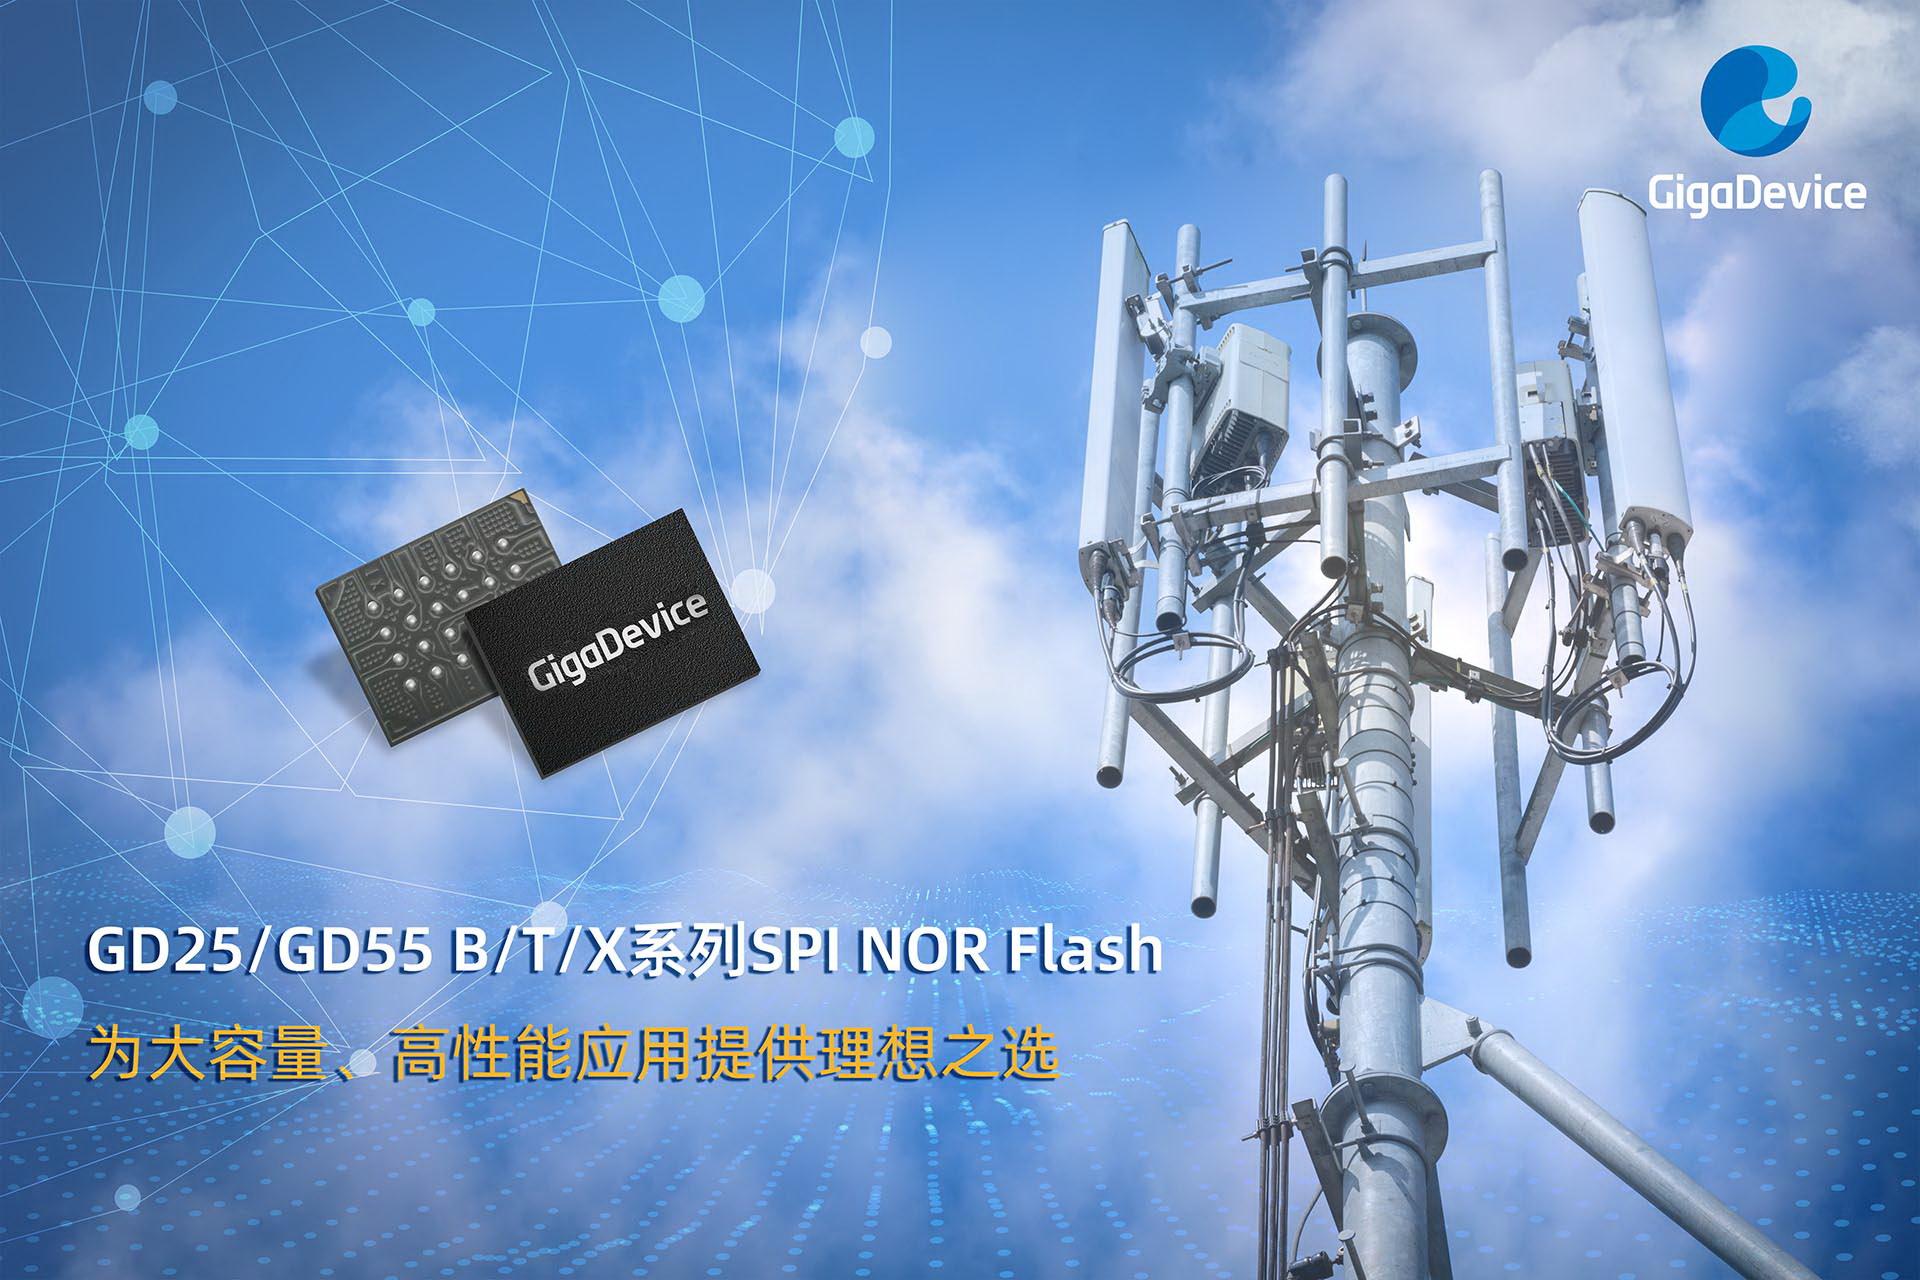 兆易创新推出国内首款2Gb大容量高性能SPI NOR Flash产品